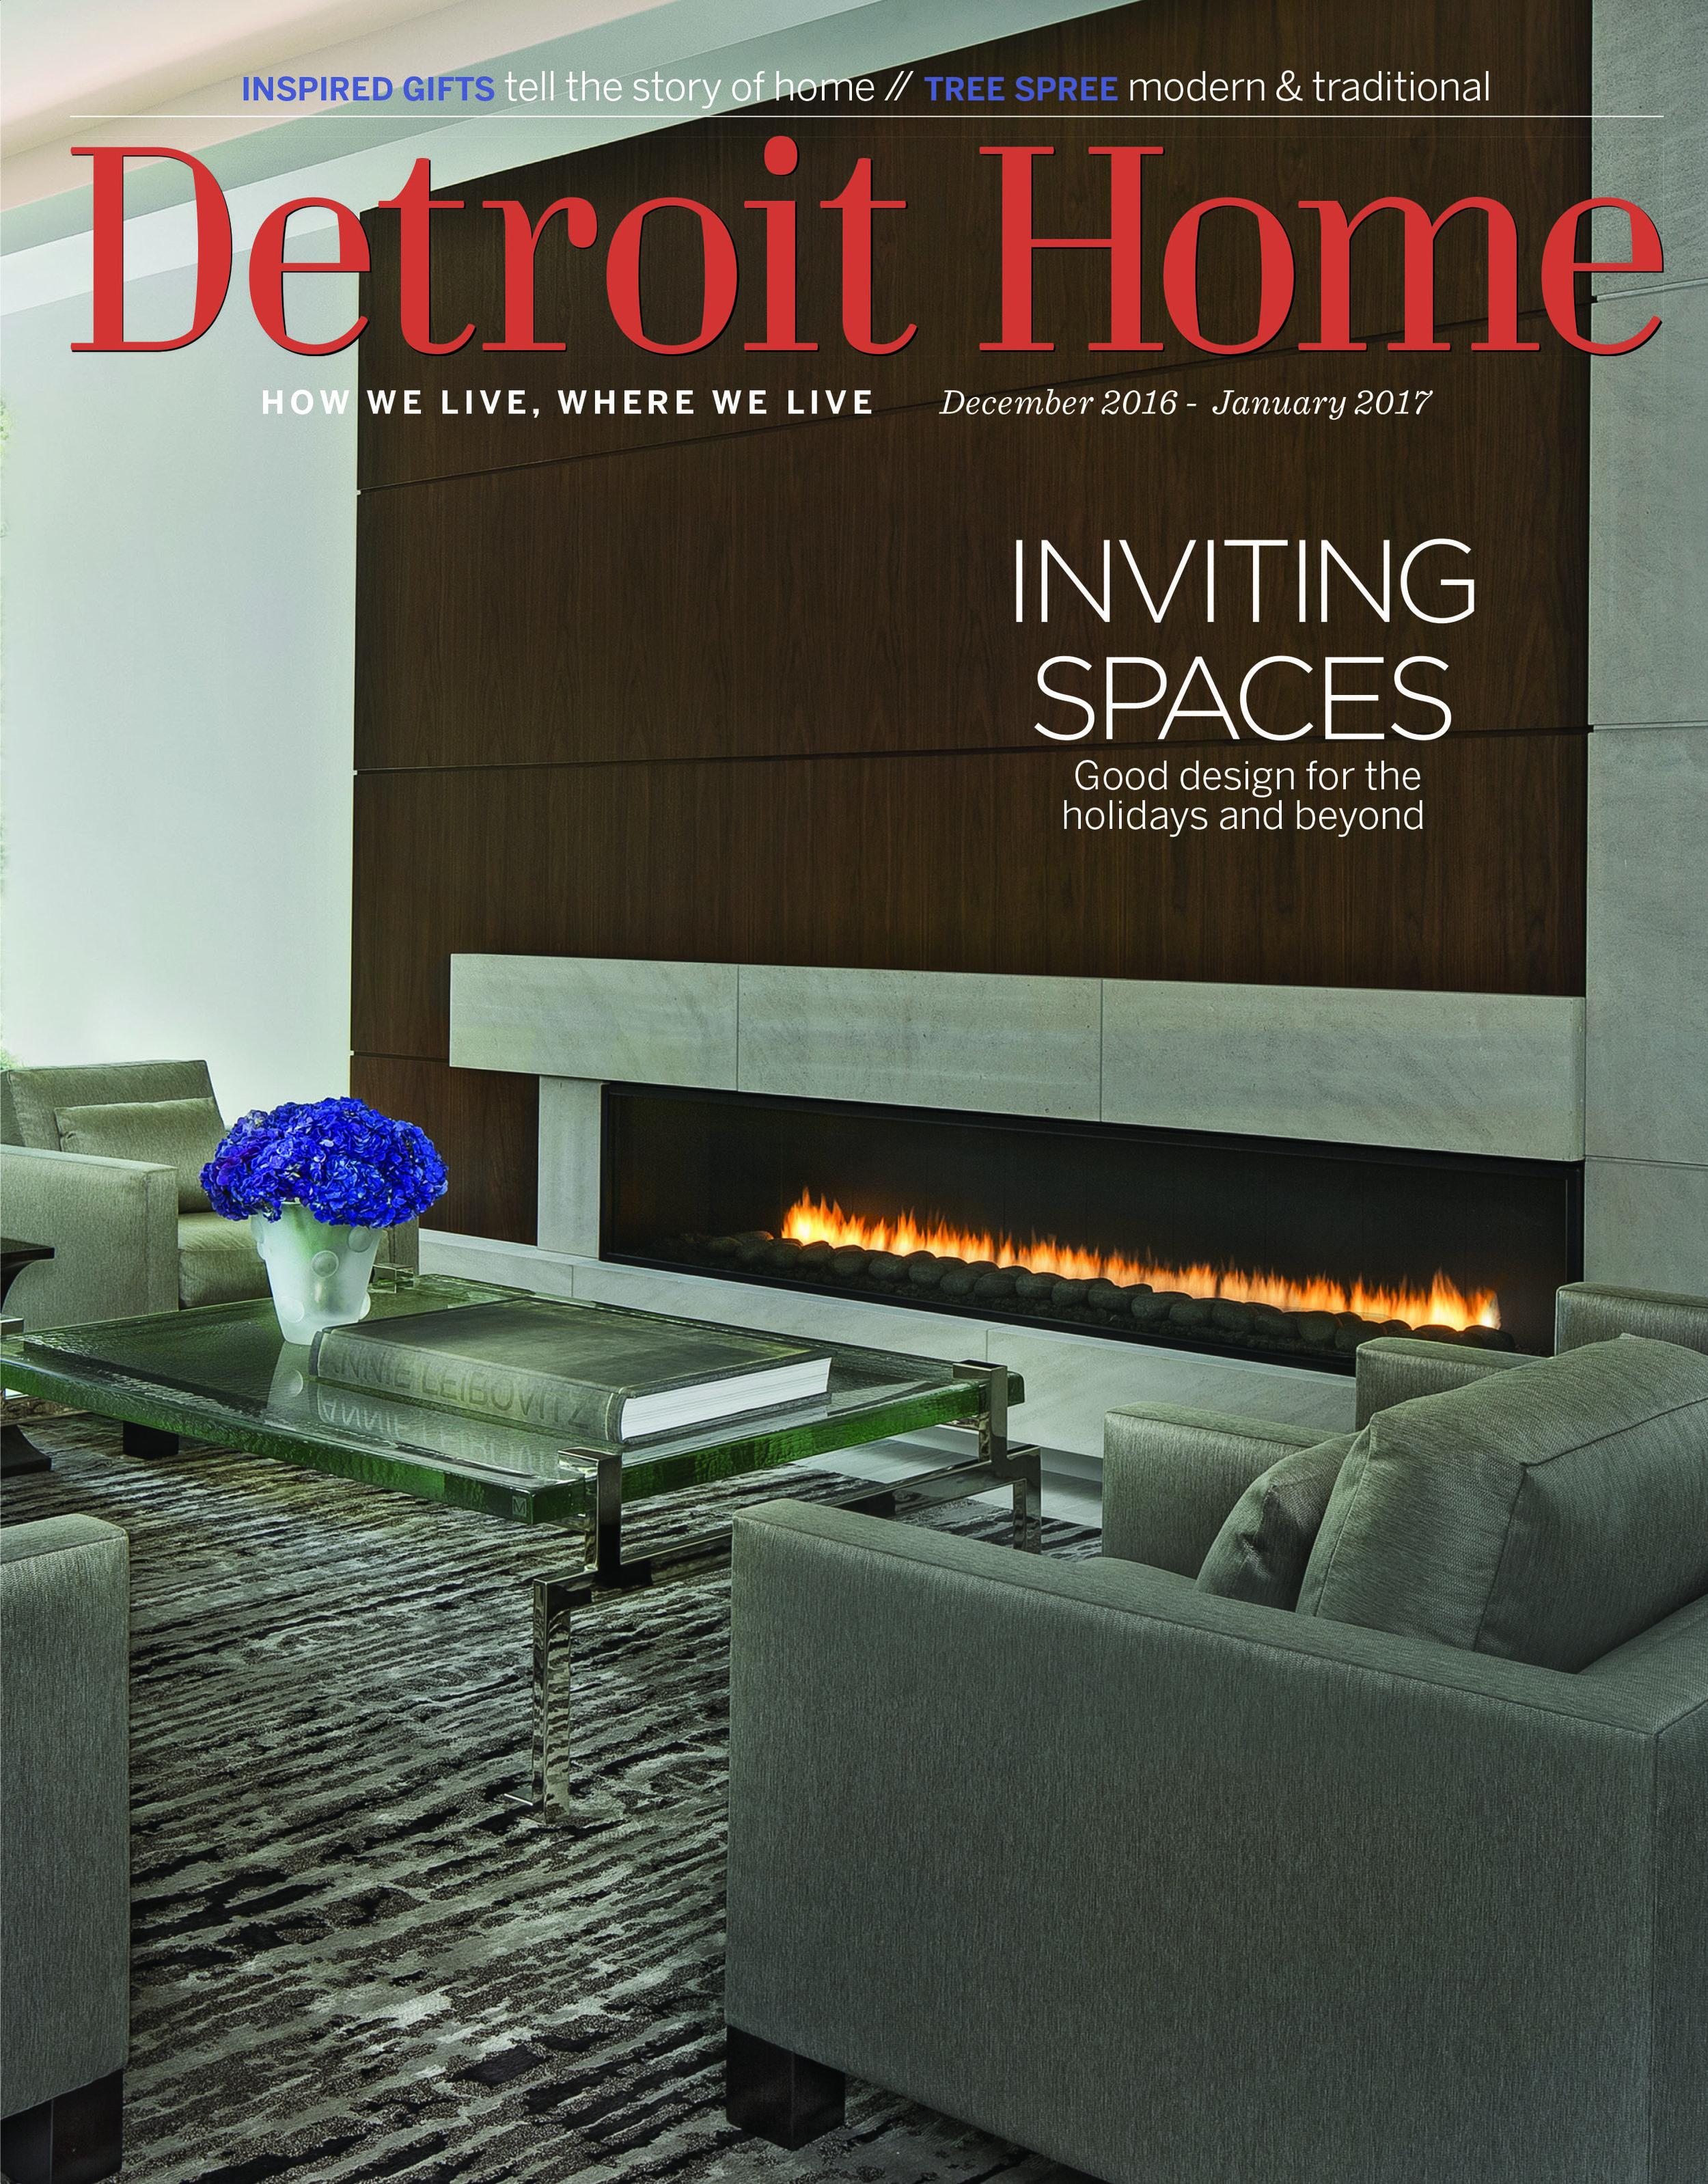 DH Cover Dec 16 - Jan 17.jpg